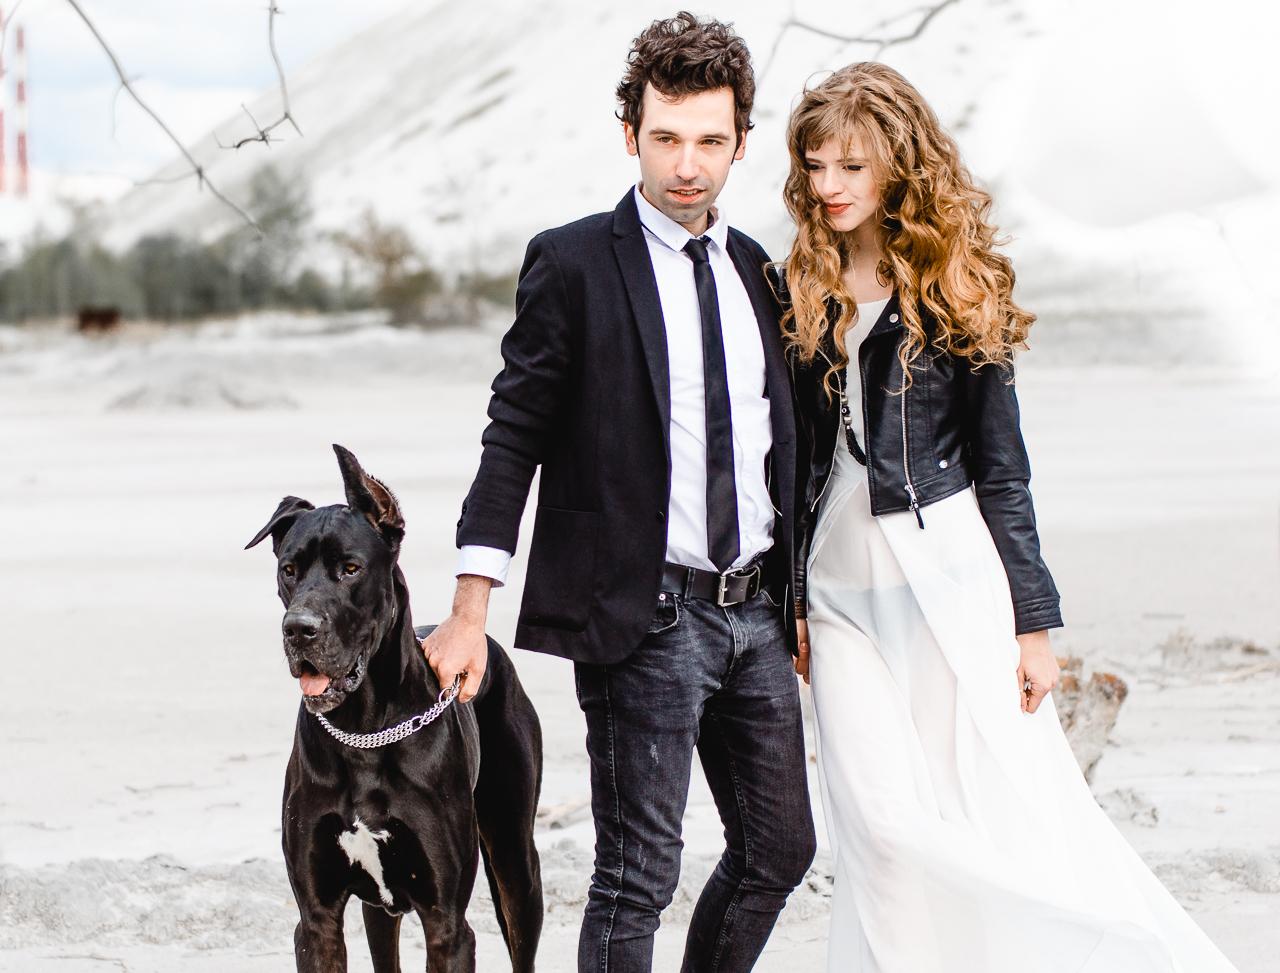 Love story, свадебная фотография, андрей бортников